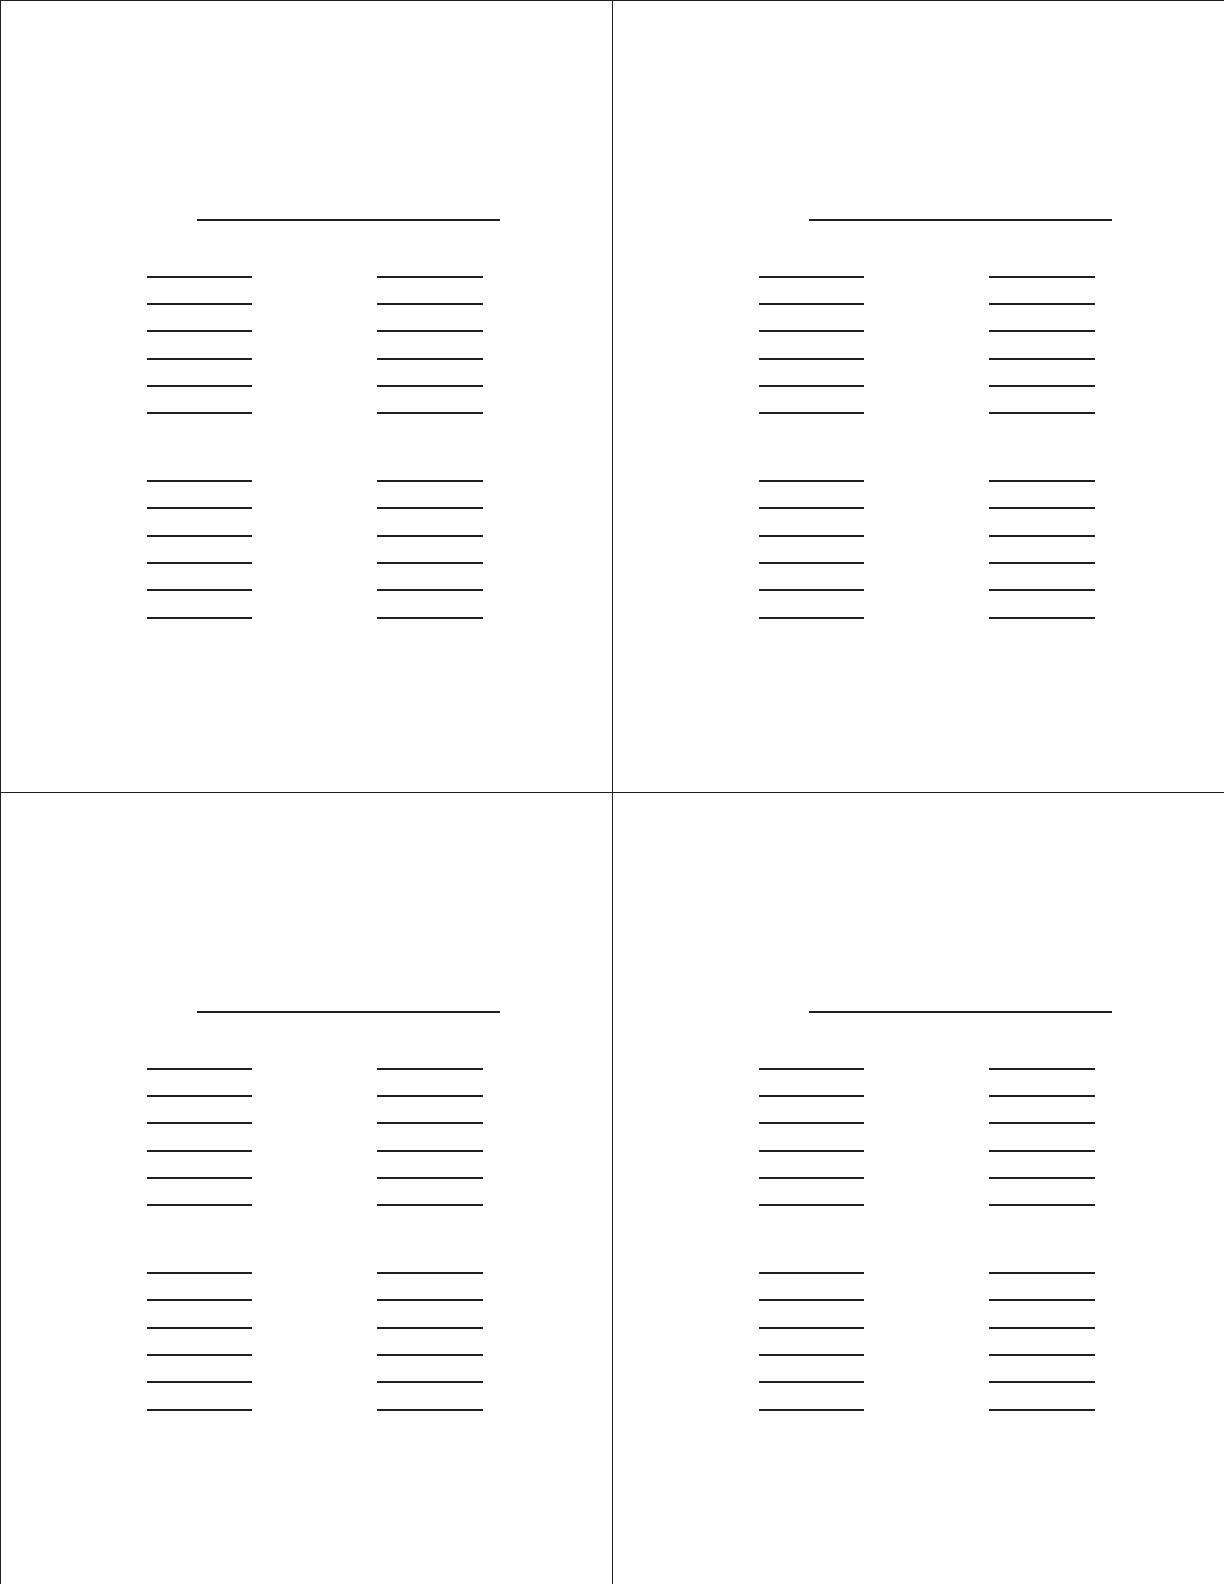 Free Bunco Score Sheets - PDF   22KB   1 Page(s)